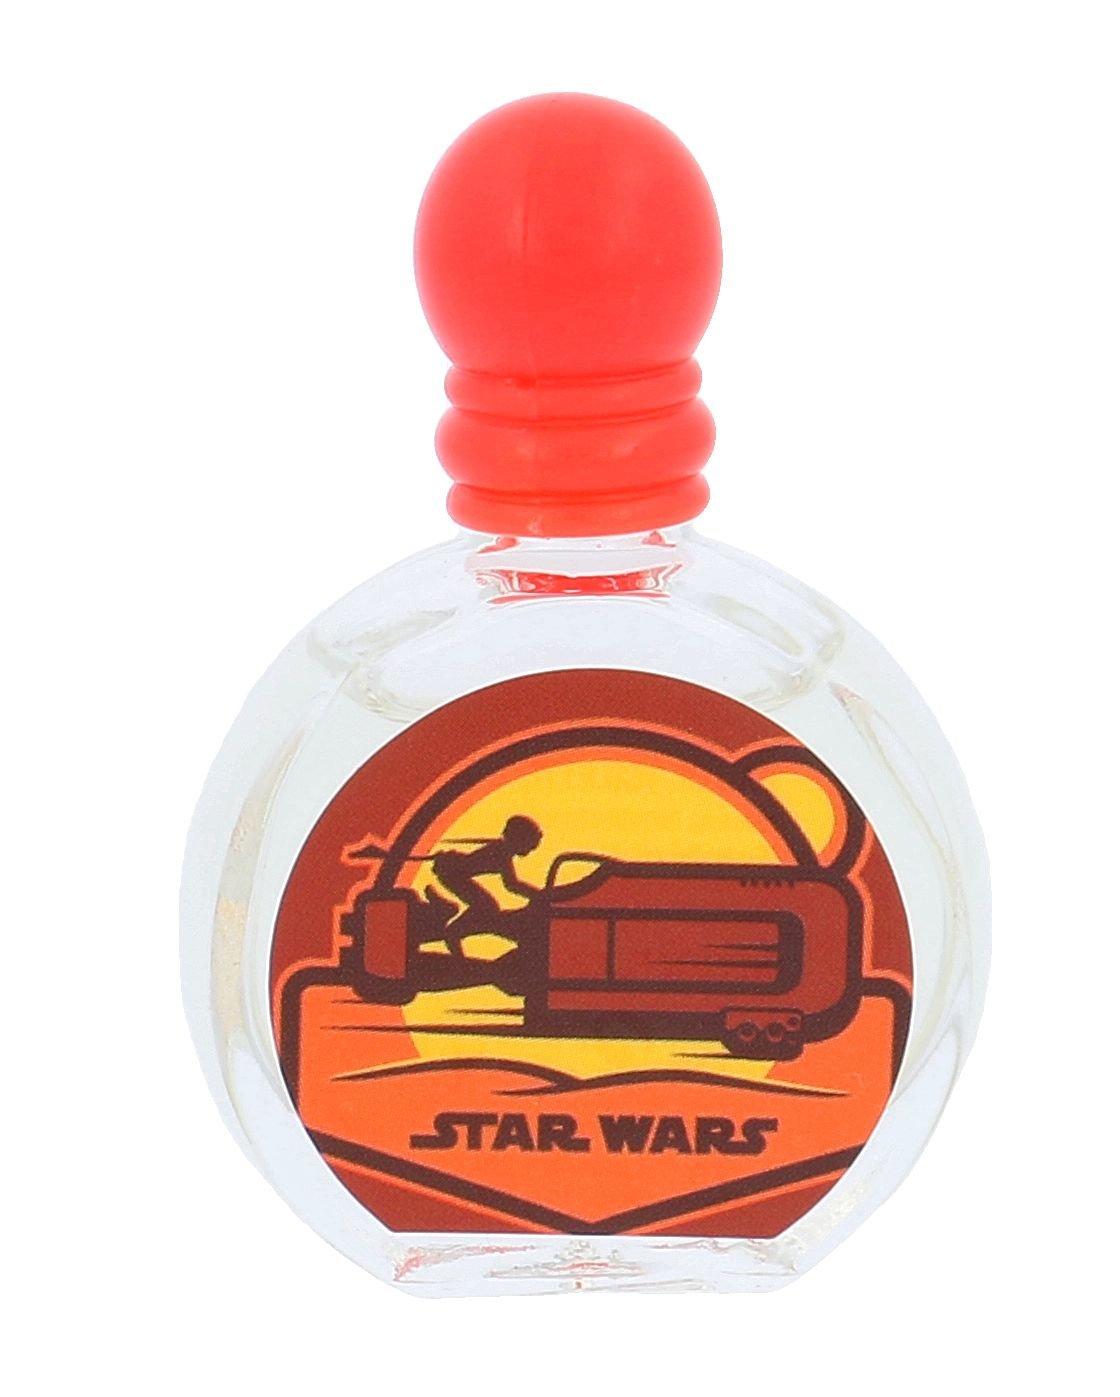 Star Wars Star Wars Rey